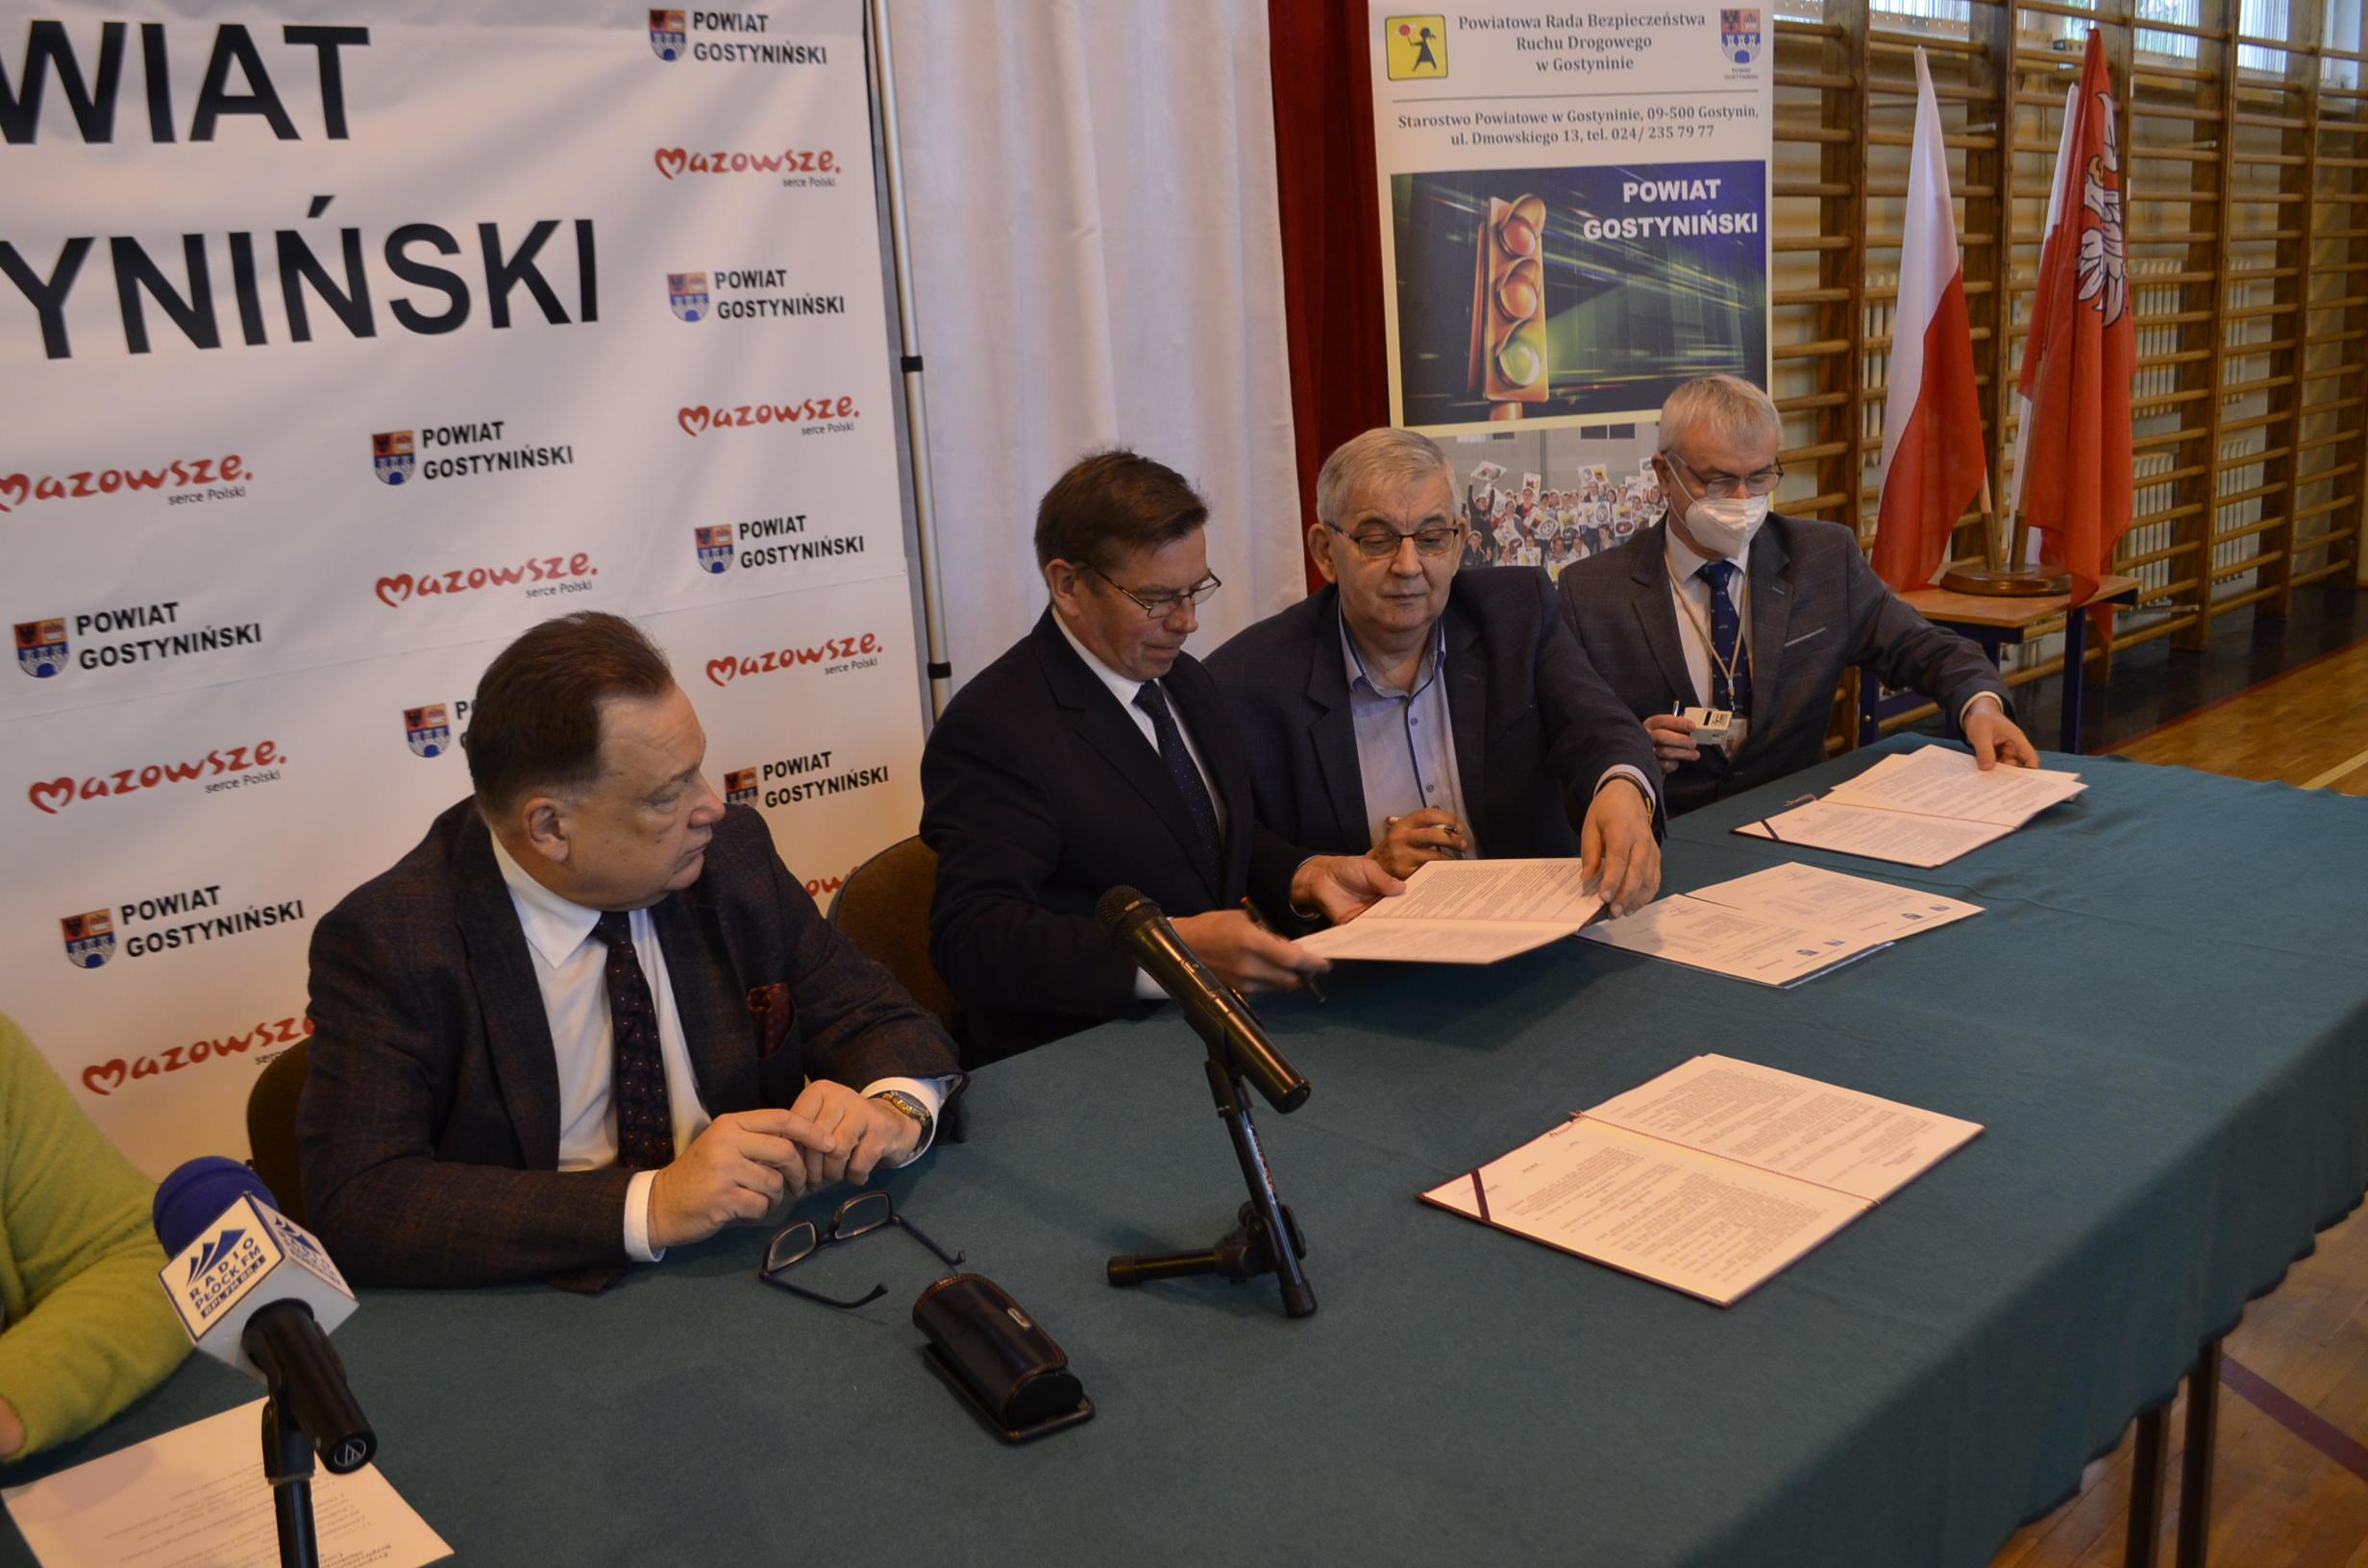 Podpisanie dokumentów tworzących Młodzieżowe Centrum BRD.